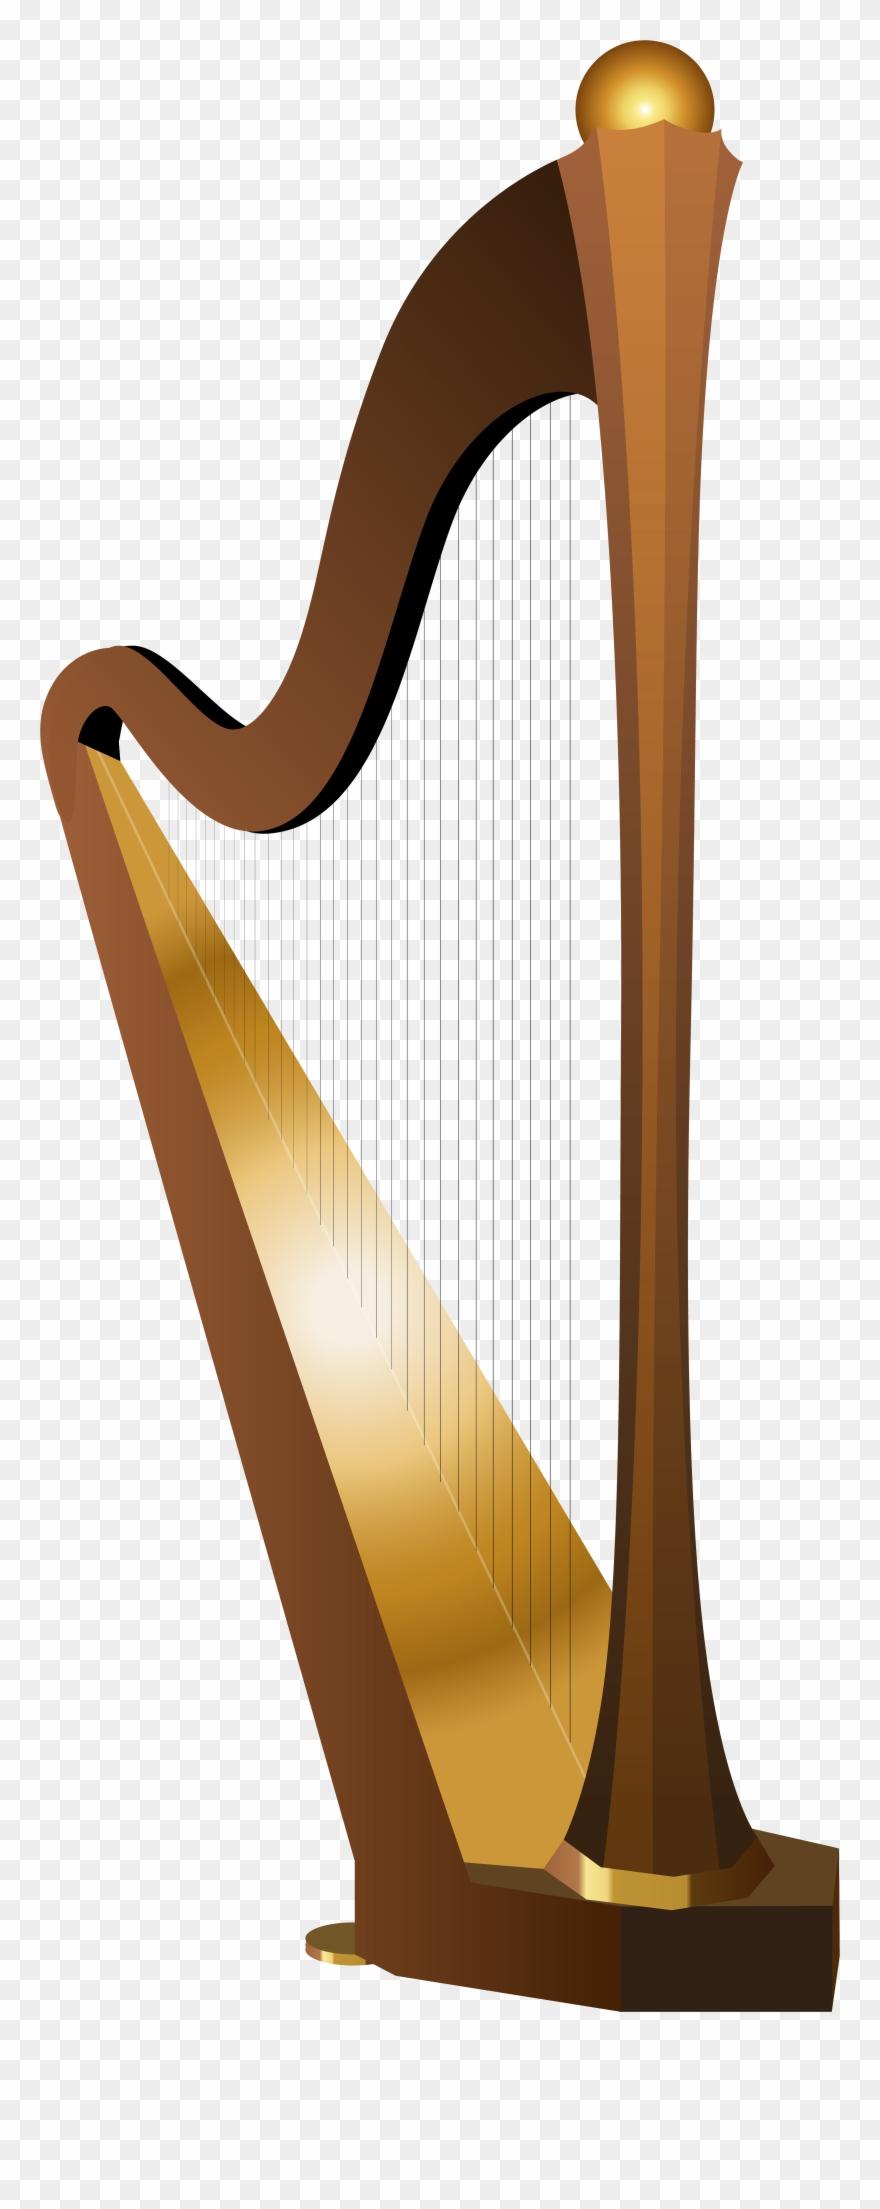 harp # 4849432